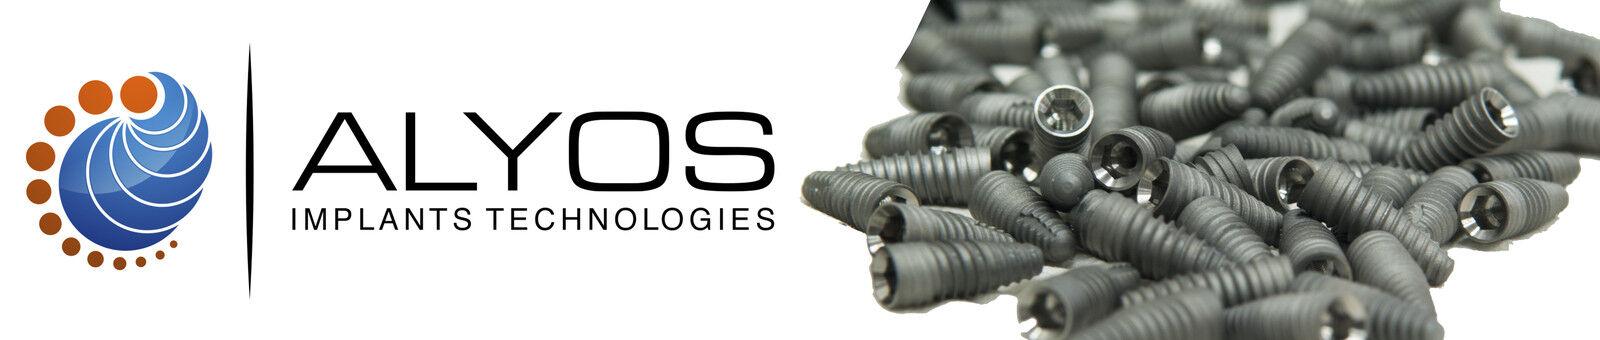 Alyos Implants Technologies